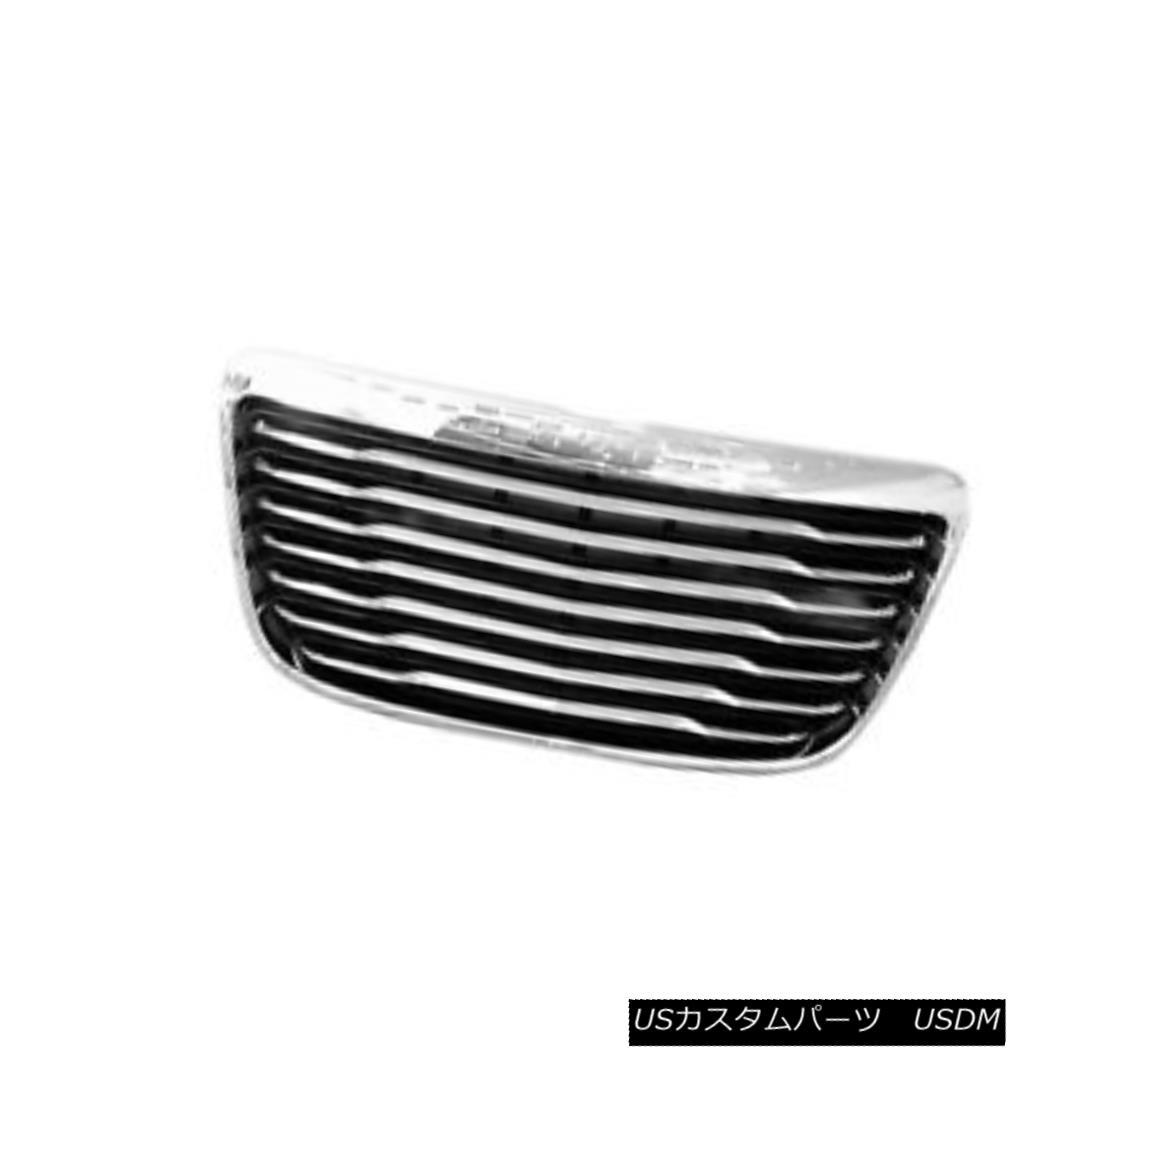 グリル Replacement Front Grille Grille for 2011-2014 Chrysler 300 2011-2014クライスラー300の交換用フロントグリルグリル